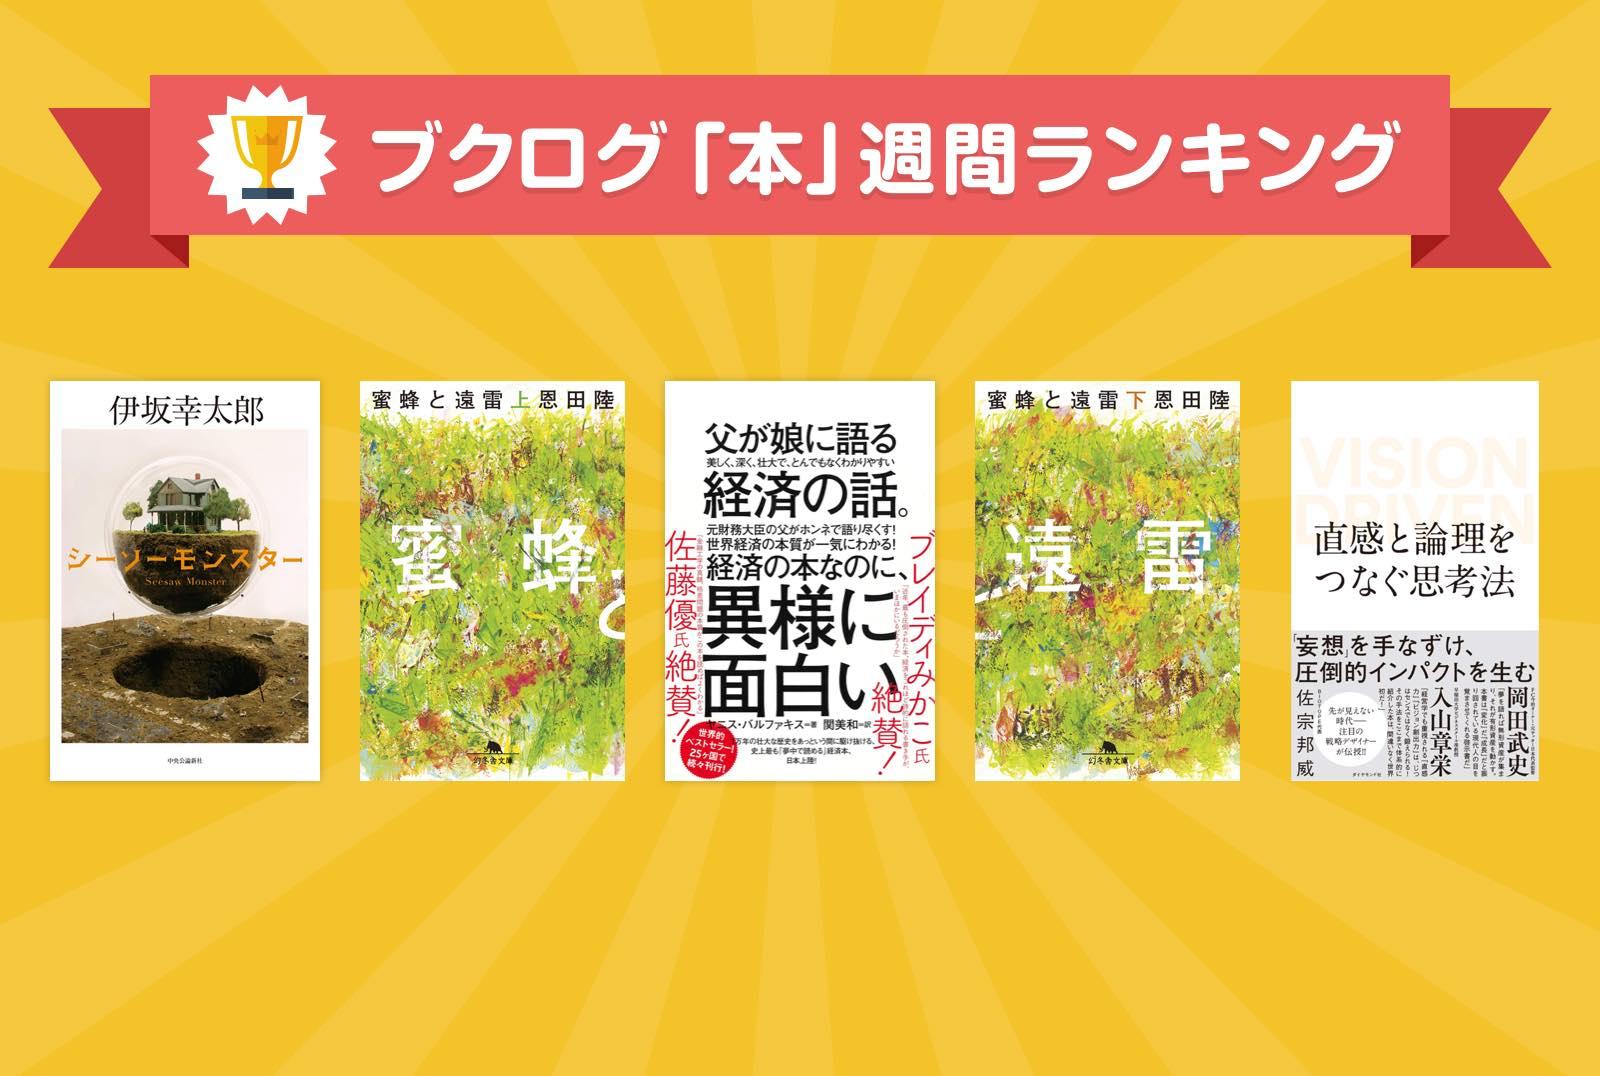 『蜜蜂と遠雷』とうとう文庫化、ランキング進出!本ランキング4月7日~13日